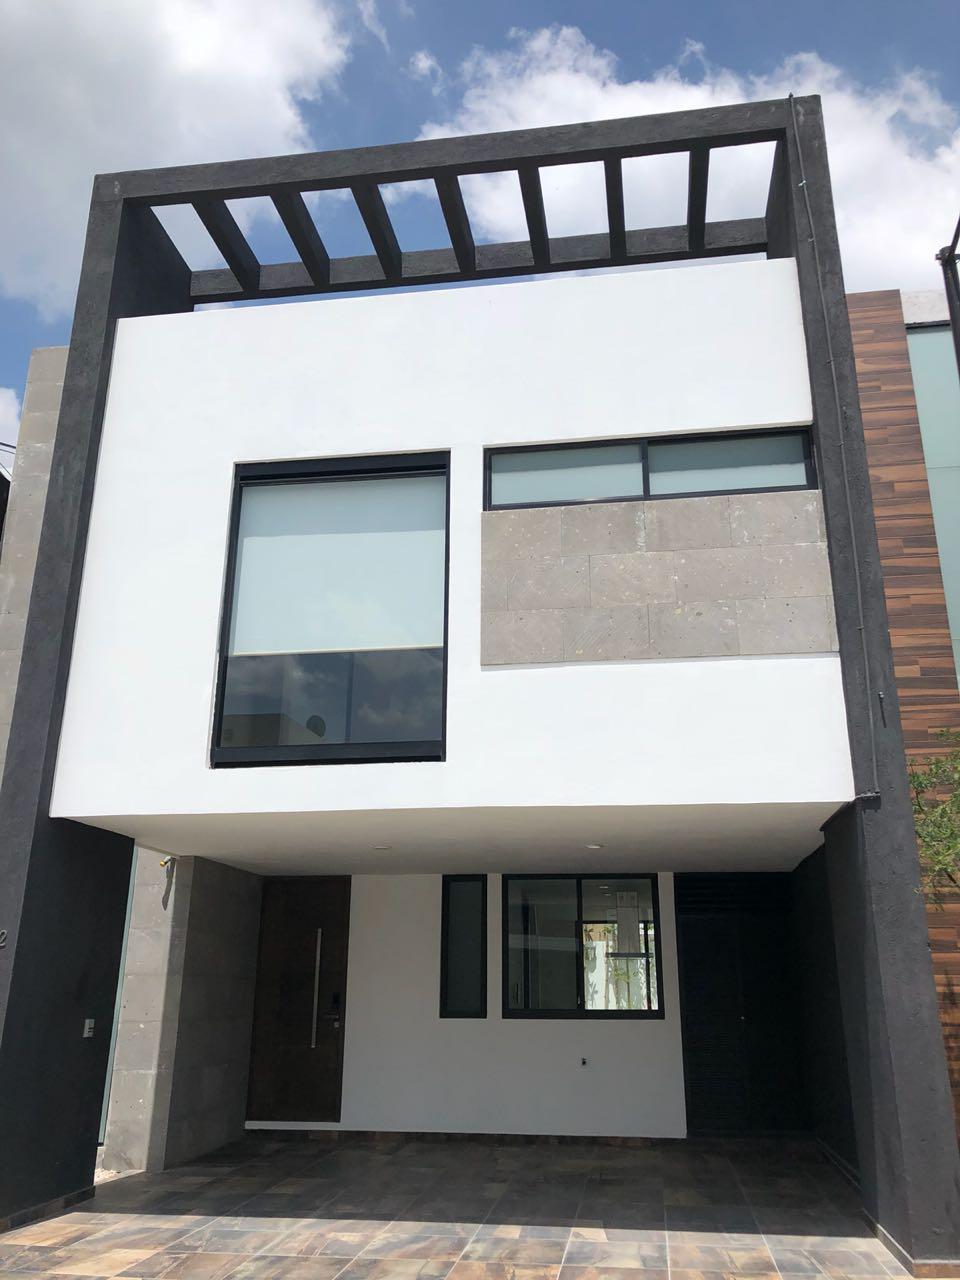 Casa en venta 4 recamaras roof garden Parque BCS con cuarto servicio Lomas de Angelopolis